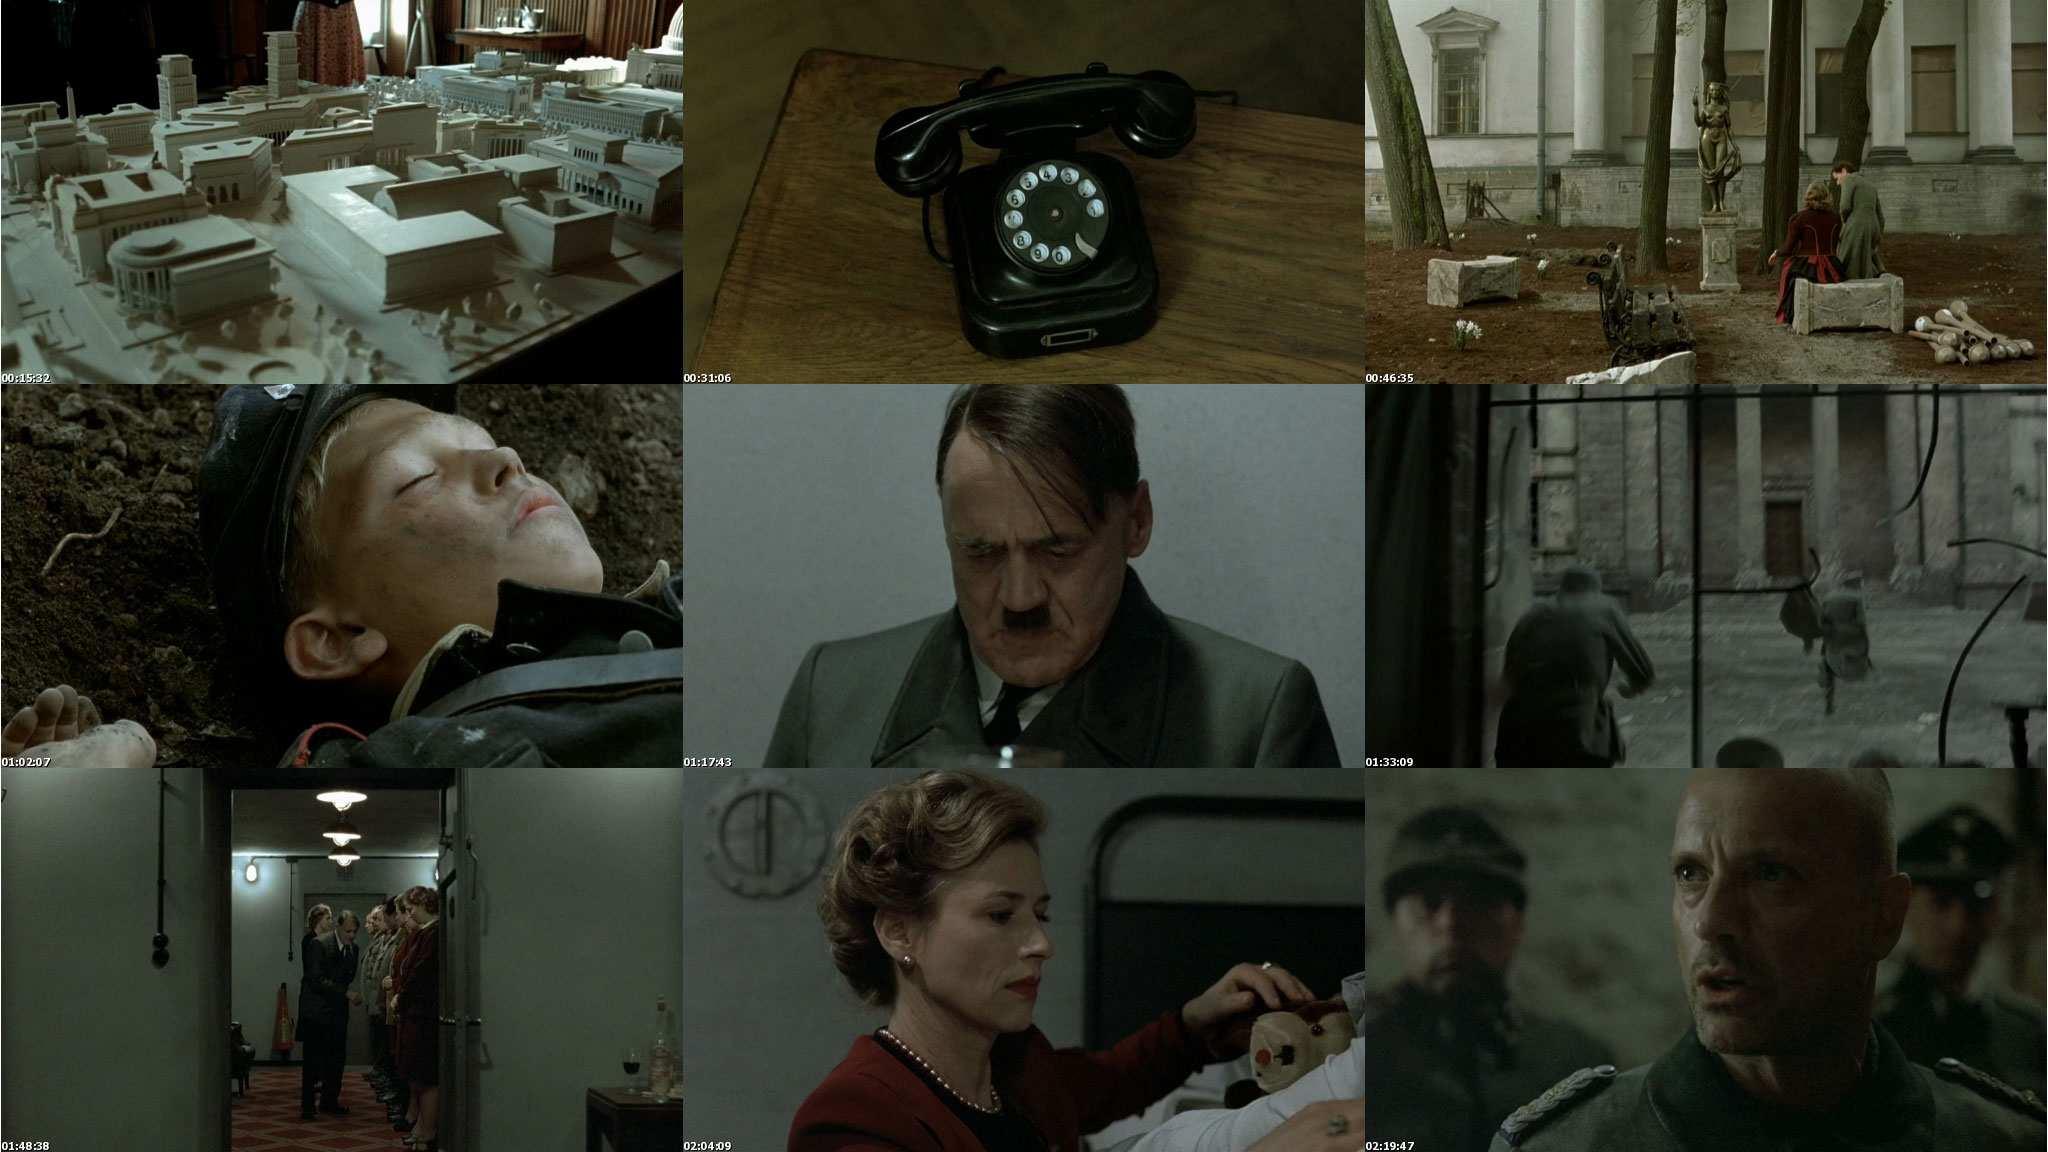 تصاویری از فیلم سقوط